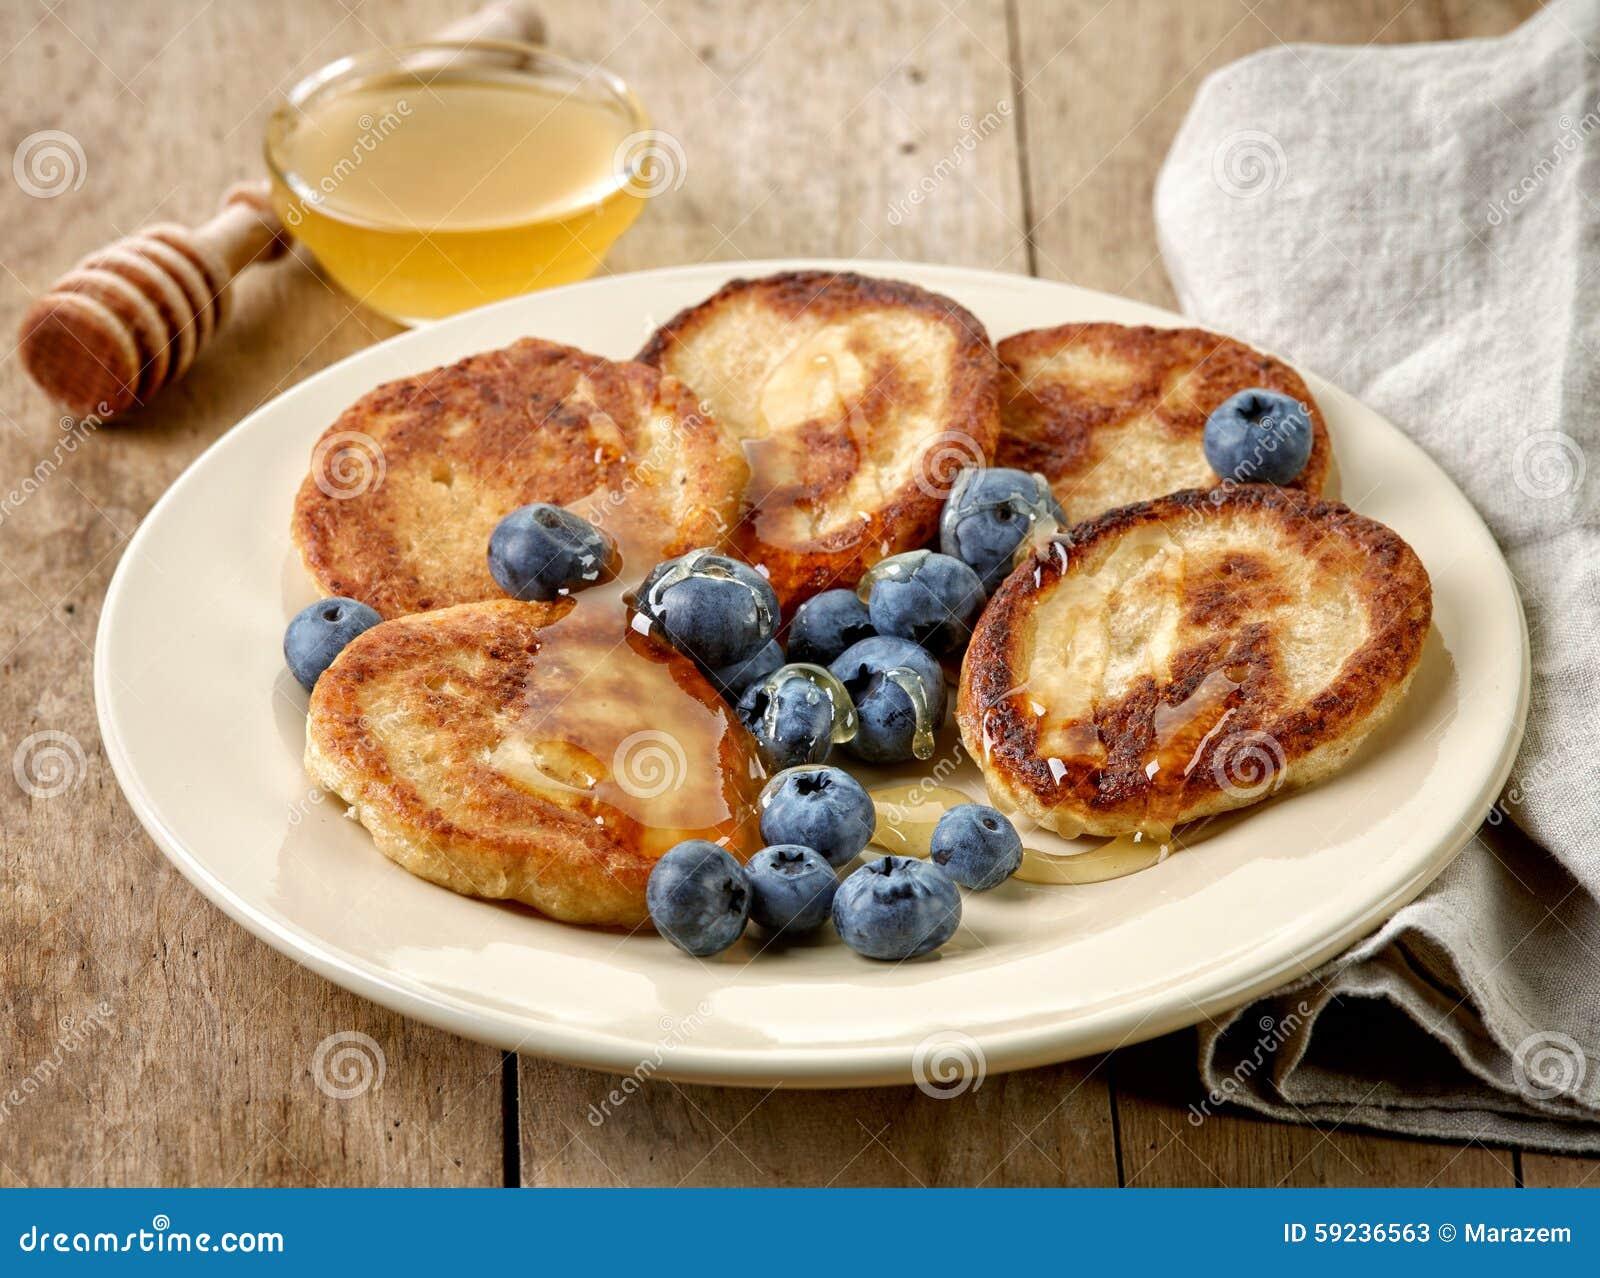 Download Crepes Con La Miel Y Los Arándanos Imagen de archivo - Imagen de alimento, baked: 59236563